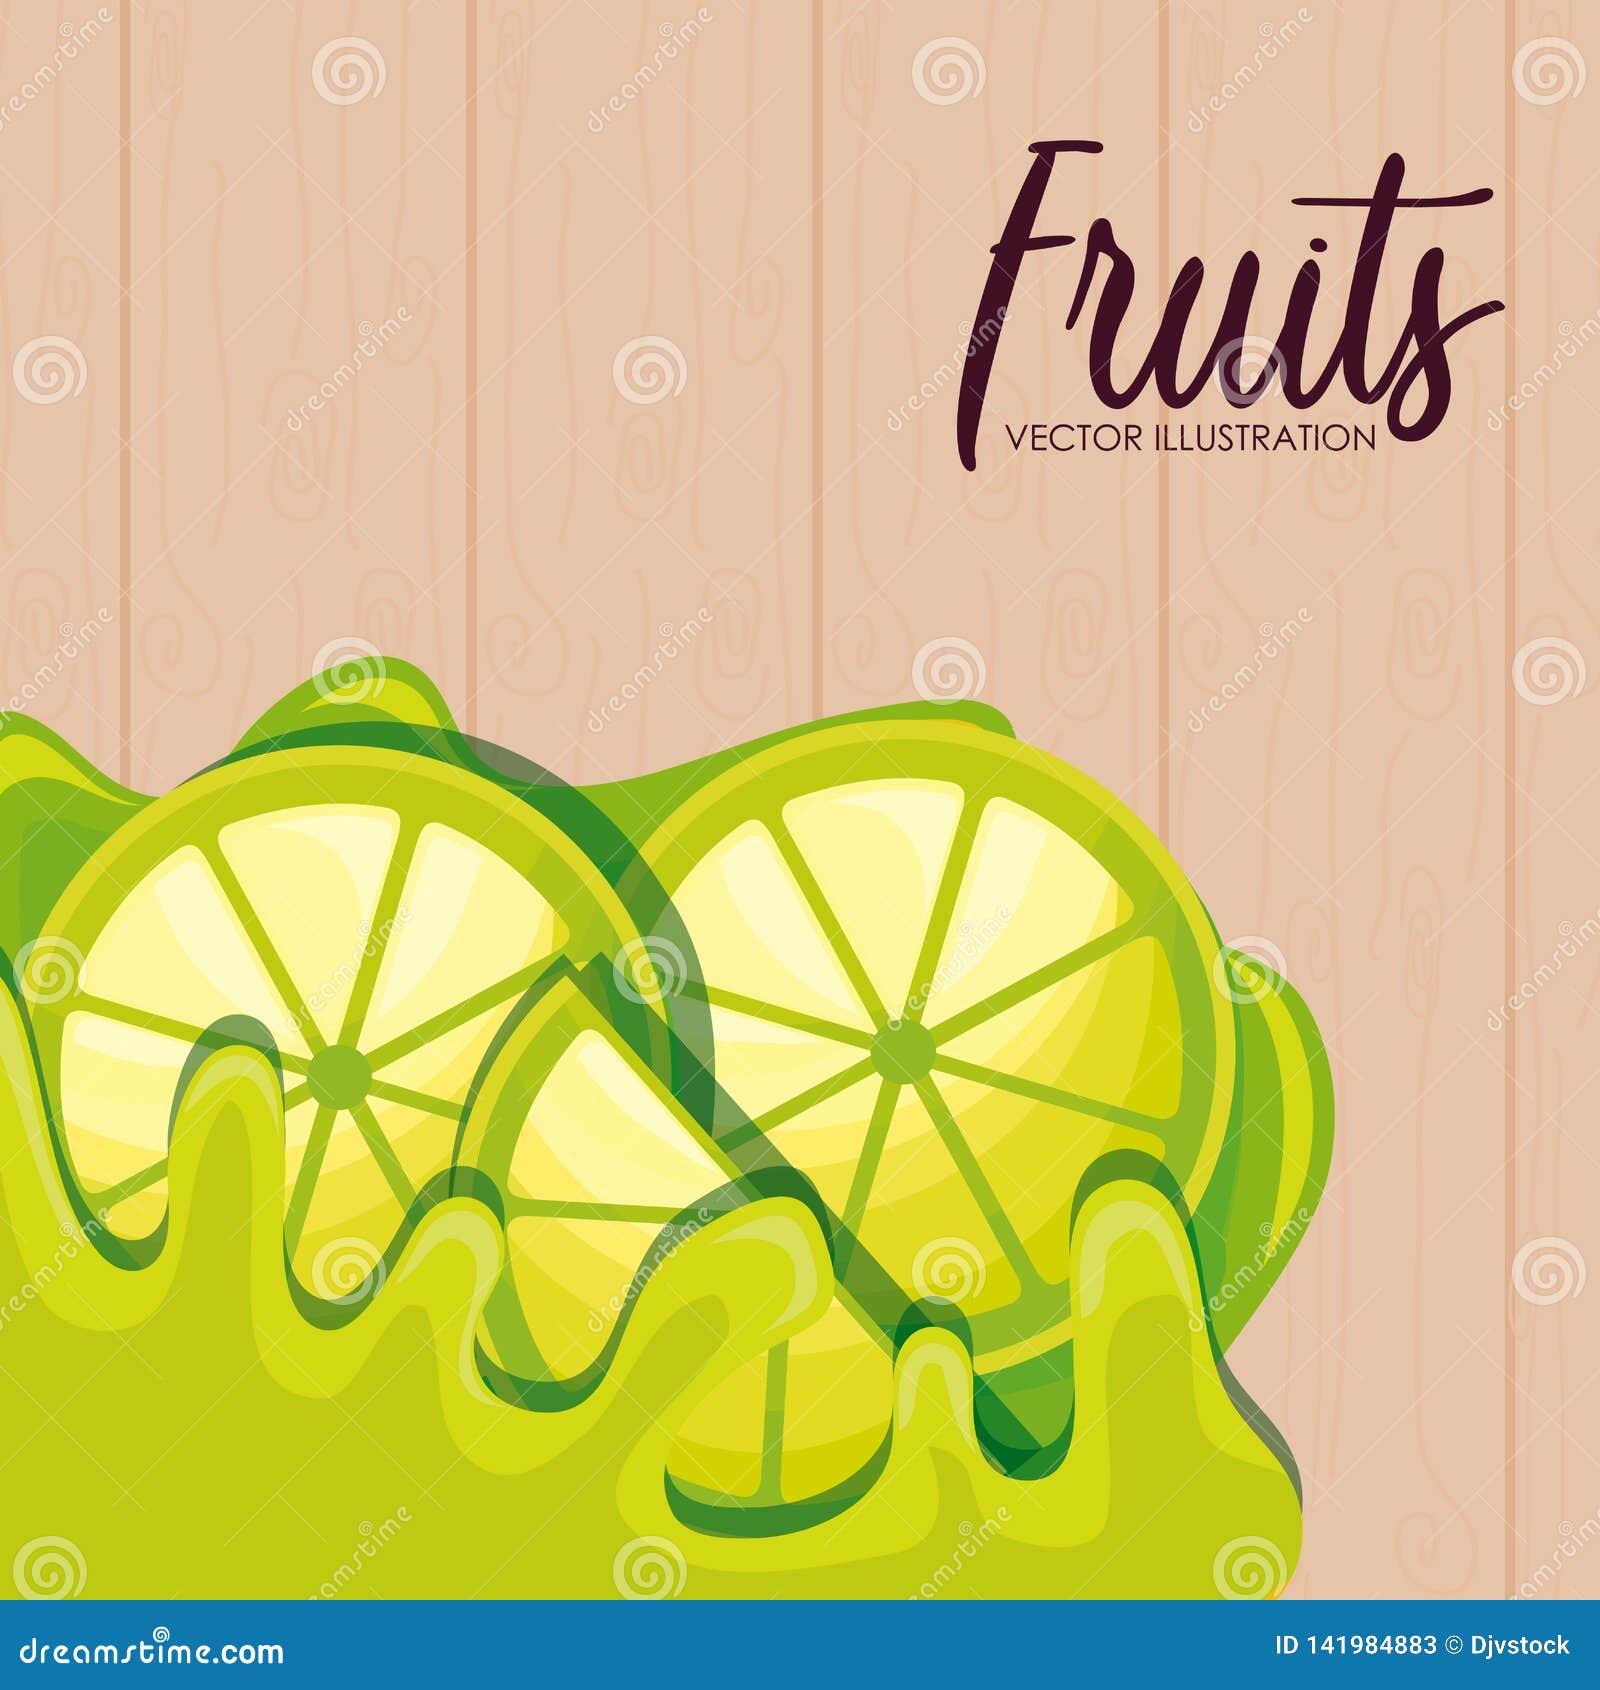 Fresh sliced lemon fruits